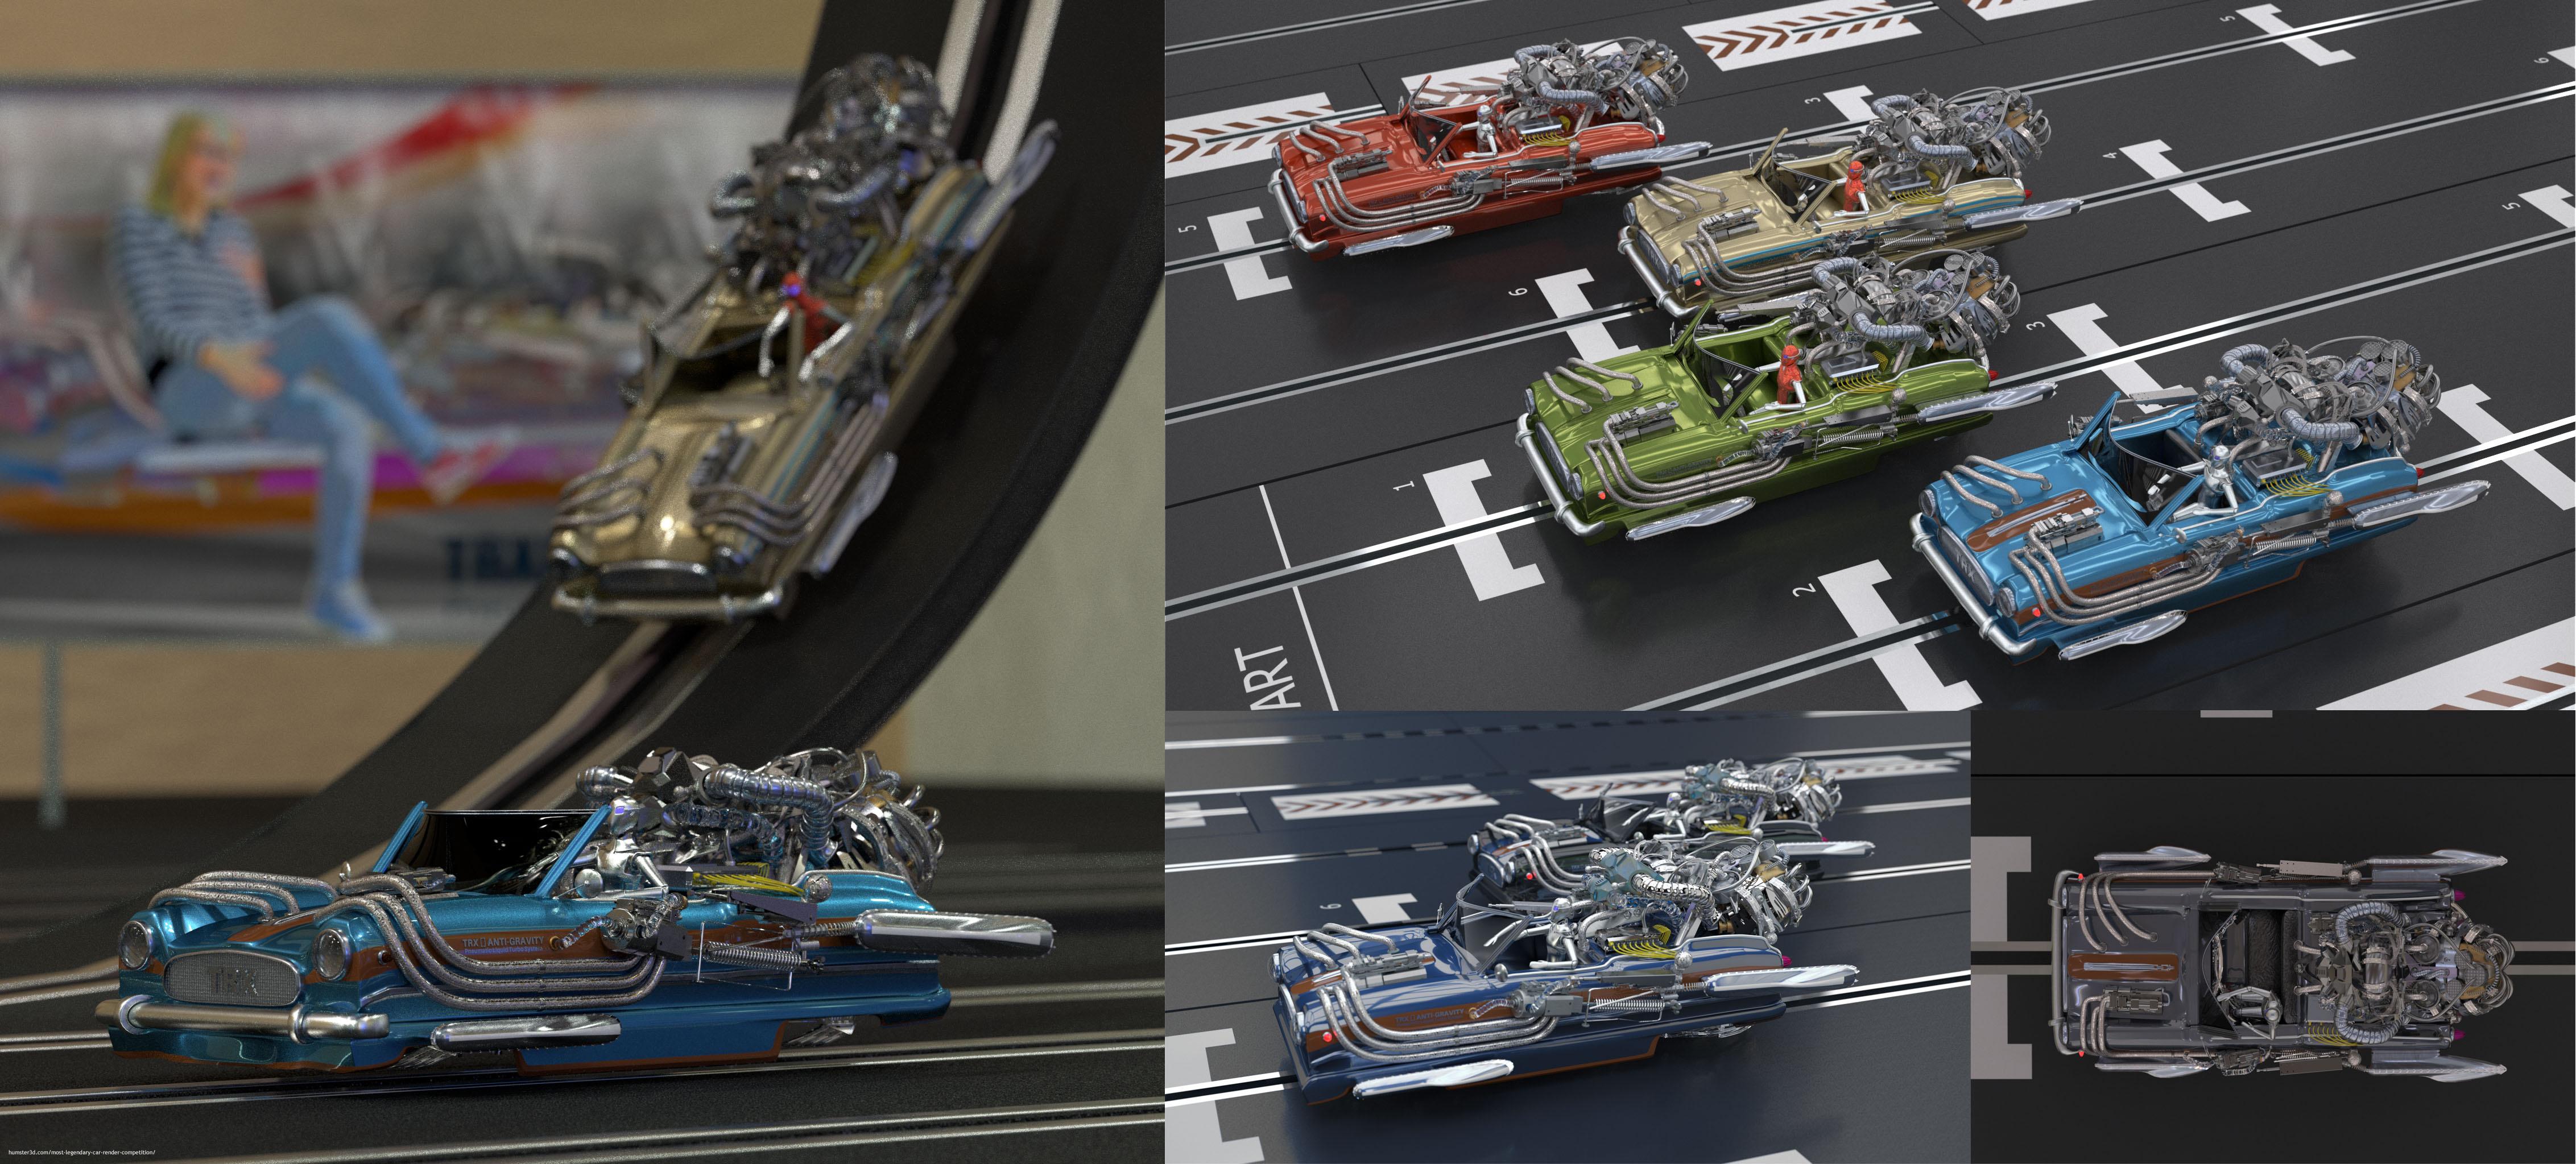 Nash Metropolitan 1500 - TRX Slot Car edit 3d art